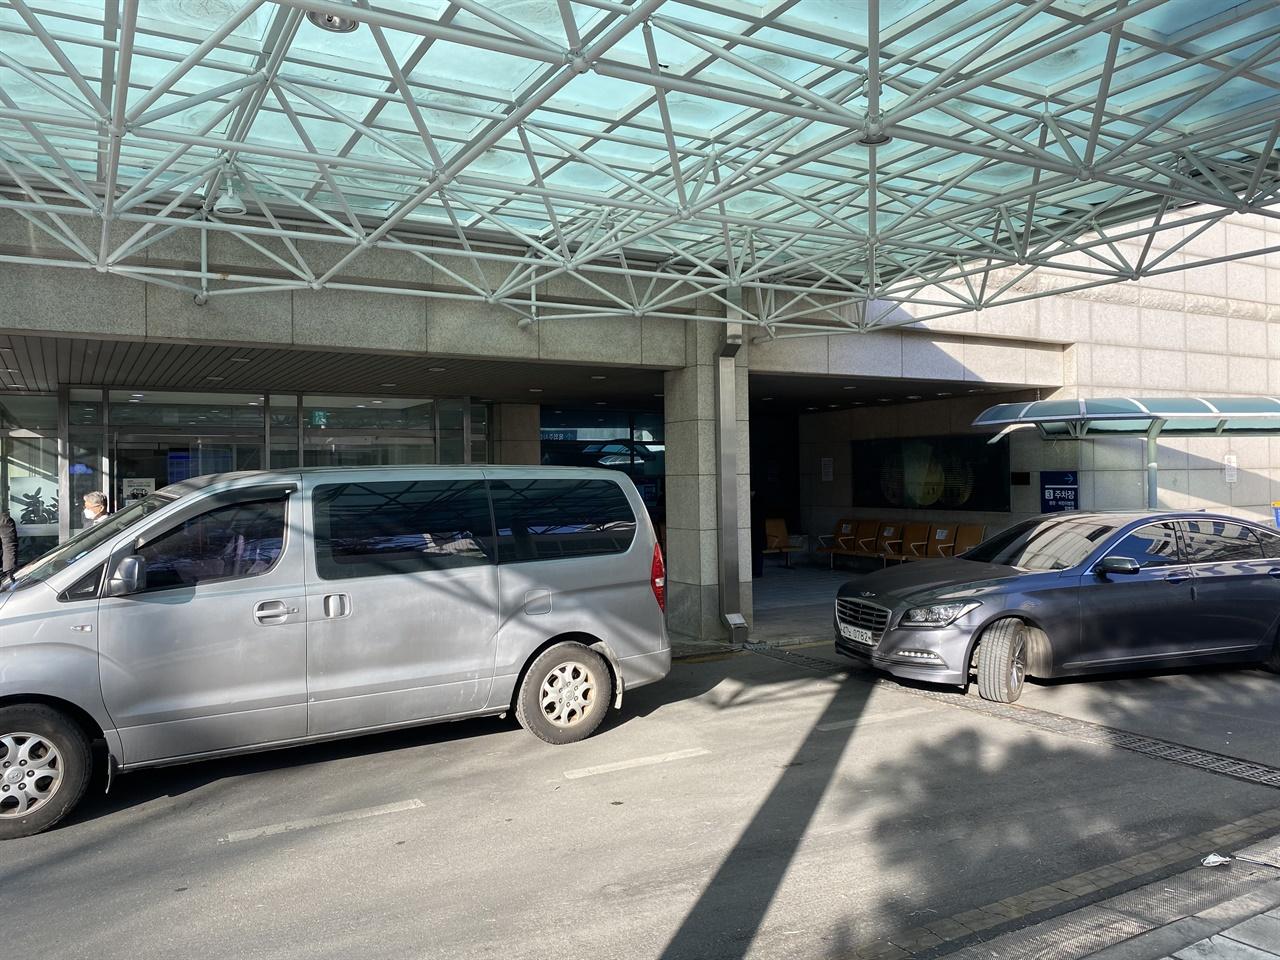 서울대학교 병원 장례식장 입구 코로나-19 예방을 위해 1층 현관을 통해서만 출입이 가능했다.